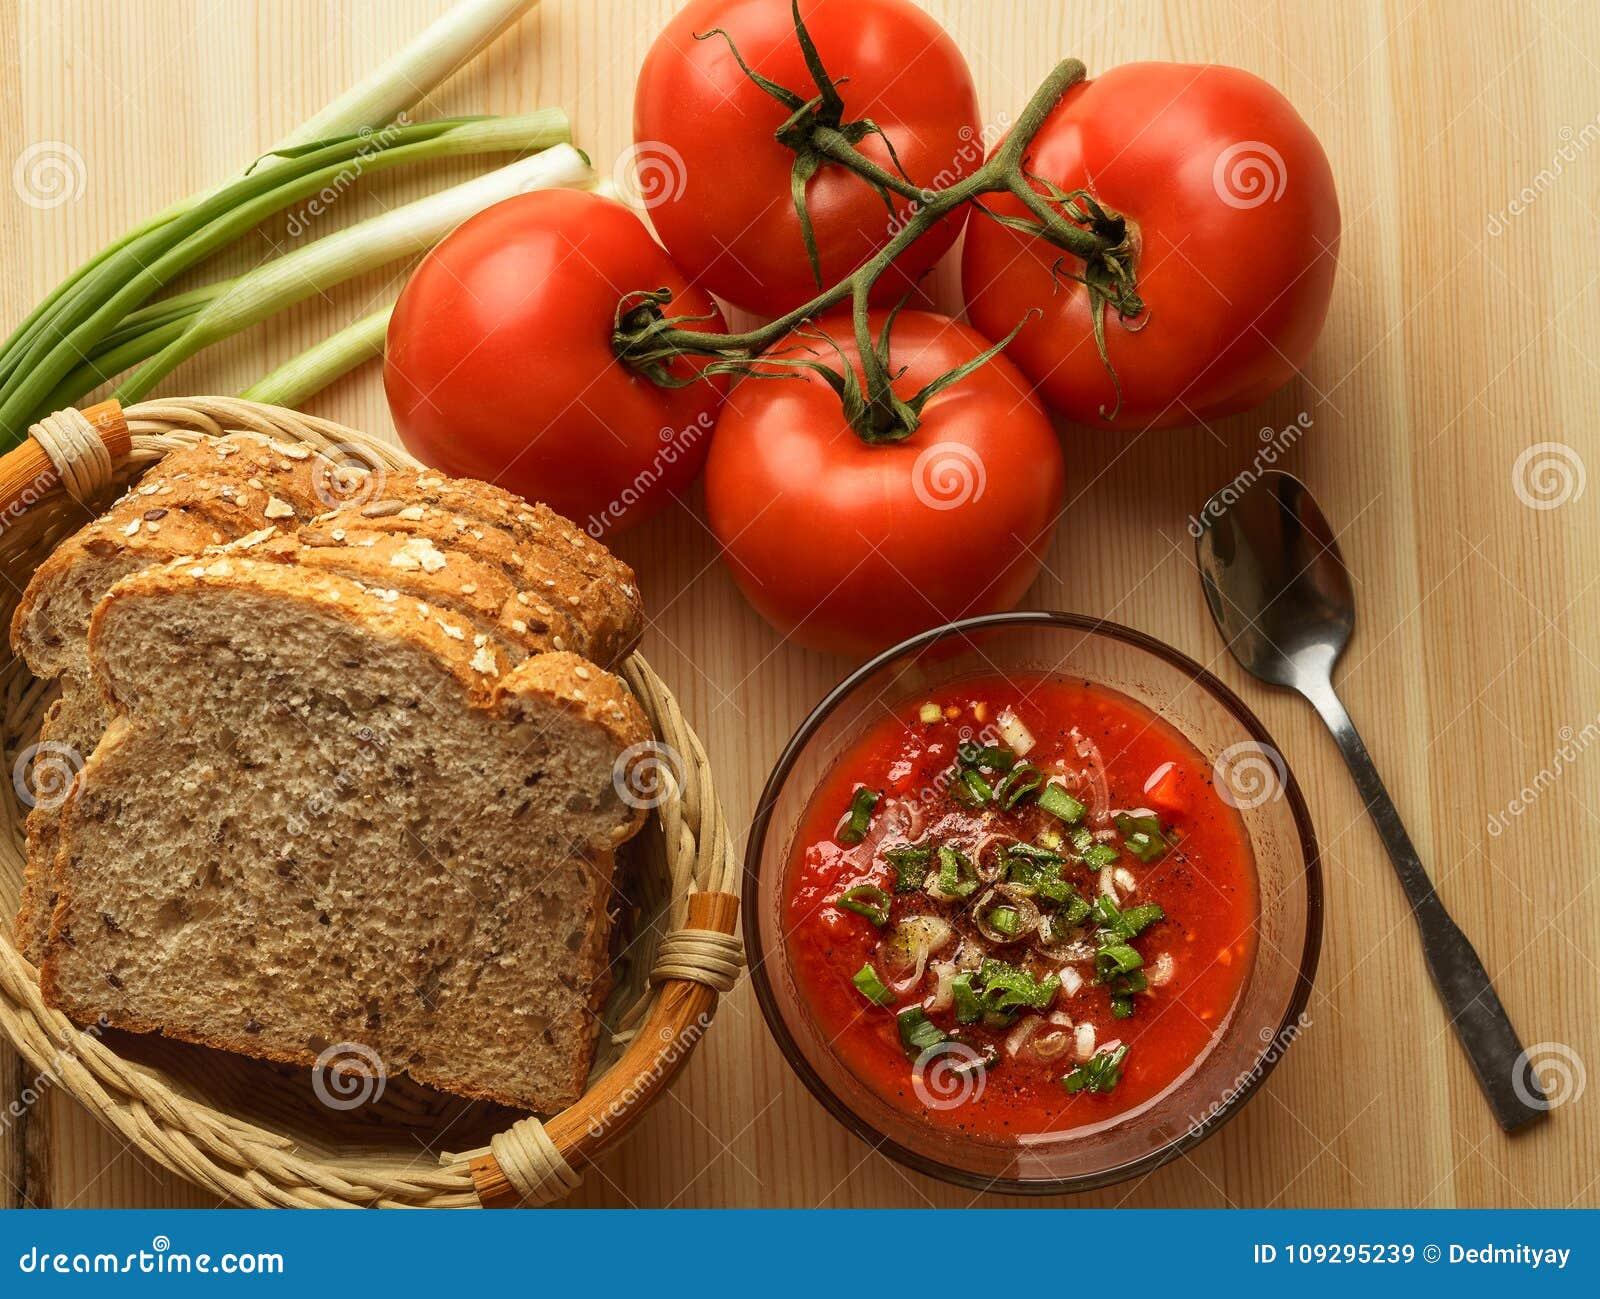 Σάλτσα ντοματών στο κύπελλο γυαλιού, φρέσκο ψωμί, κρεμμύδι στον ξύλινο πίνακα, συστατικά σάλτσας για τα σπιτικά χορτοφάγα τρόφιμα